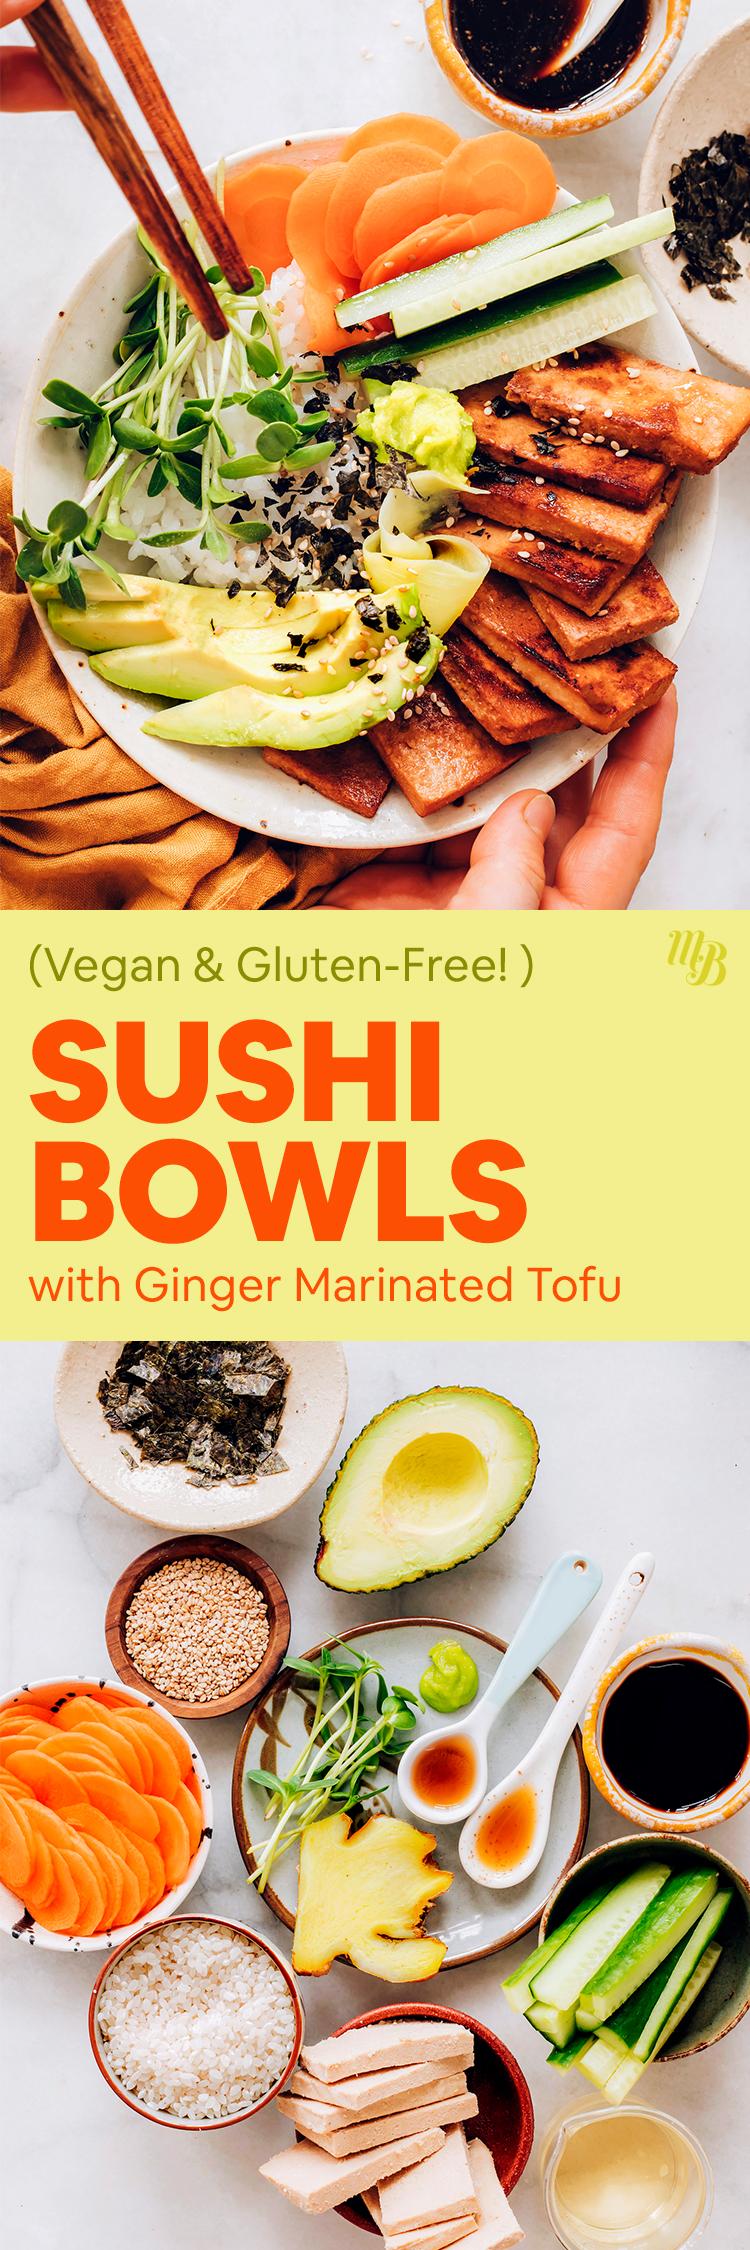 Un bol de sushi végétalien avec des légumes frais, du tofu mariné et une variété d'ingrédients comprenant de l'avocat, du concombre, des carottes, du tofu frais, du tamari et du gingembre